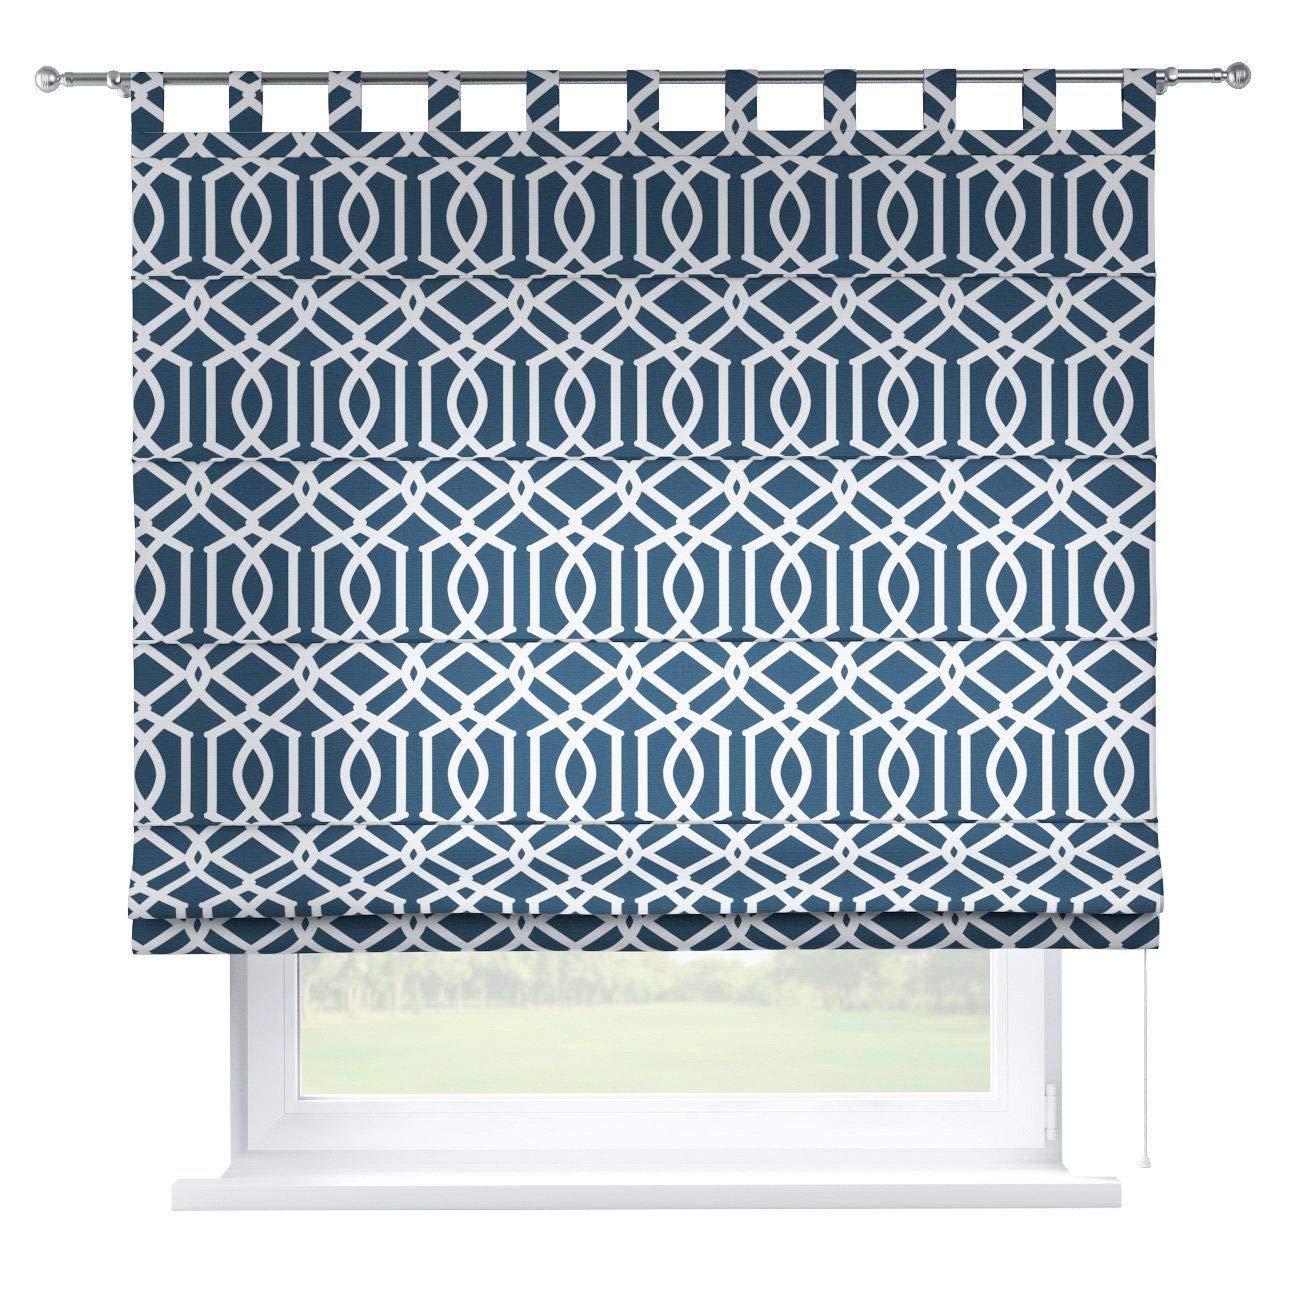 Dekoria Raffrollo Verona ohne Bohren Blickdicht Faltvorhang Raffgardine Wohnzimmer Schlafzimmer Kinderzimmer 160 × 170 cm dunkelblau Raffrollos auf Maß maßanfertigung möglich